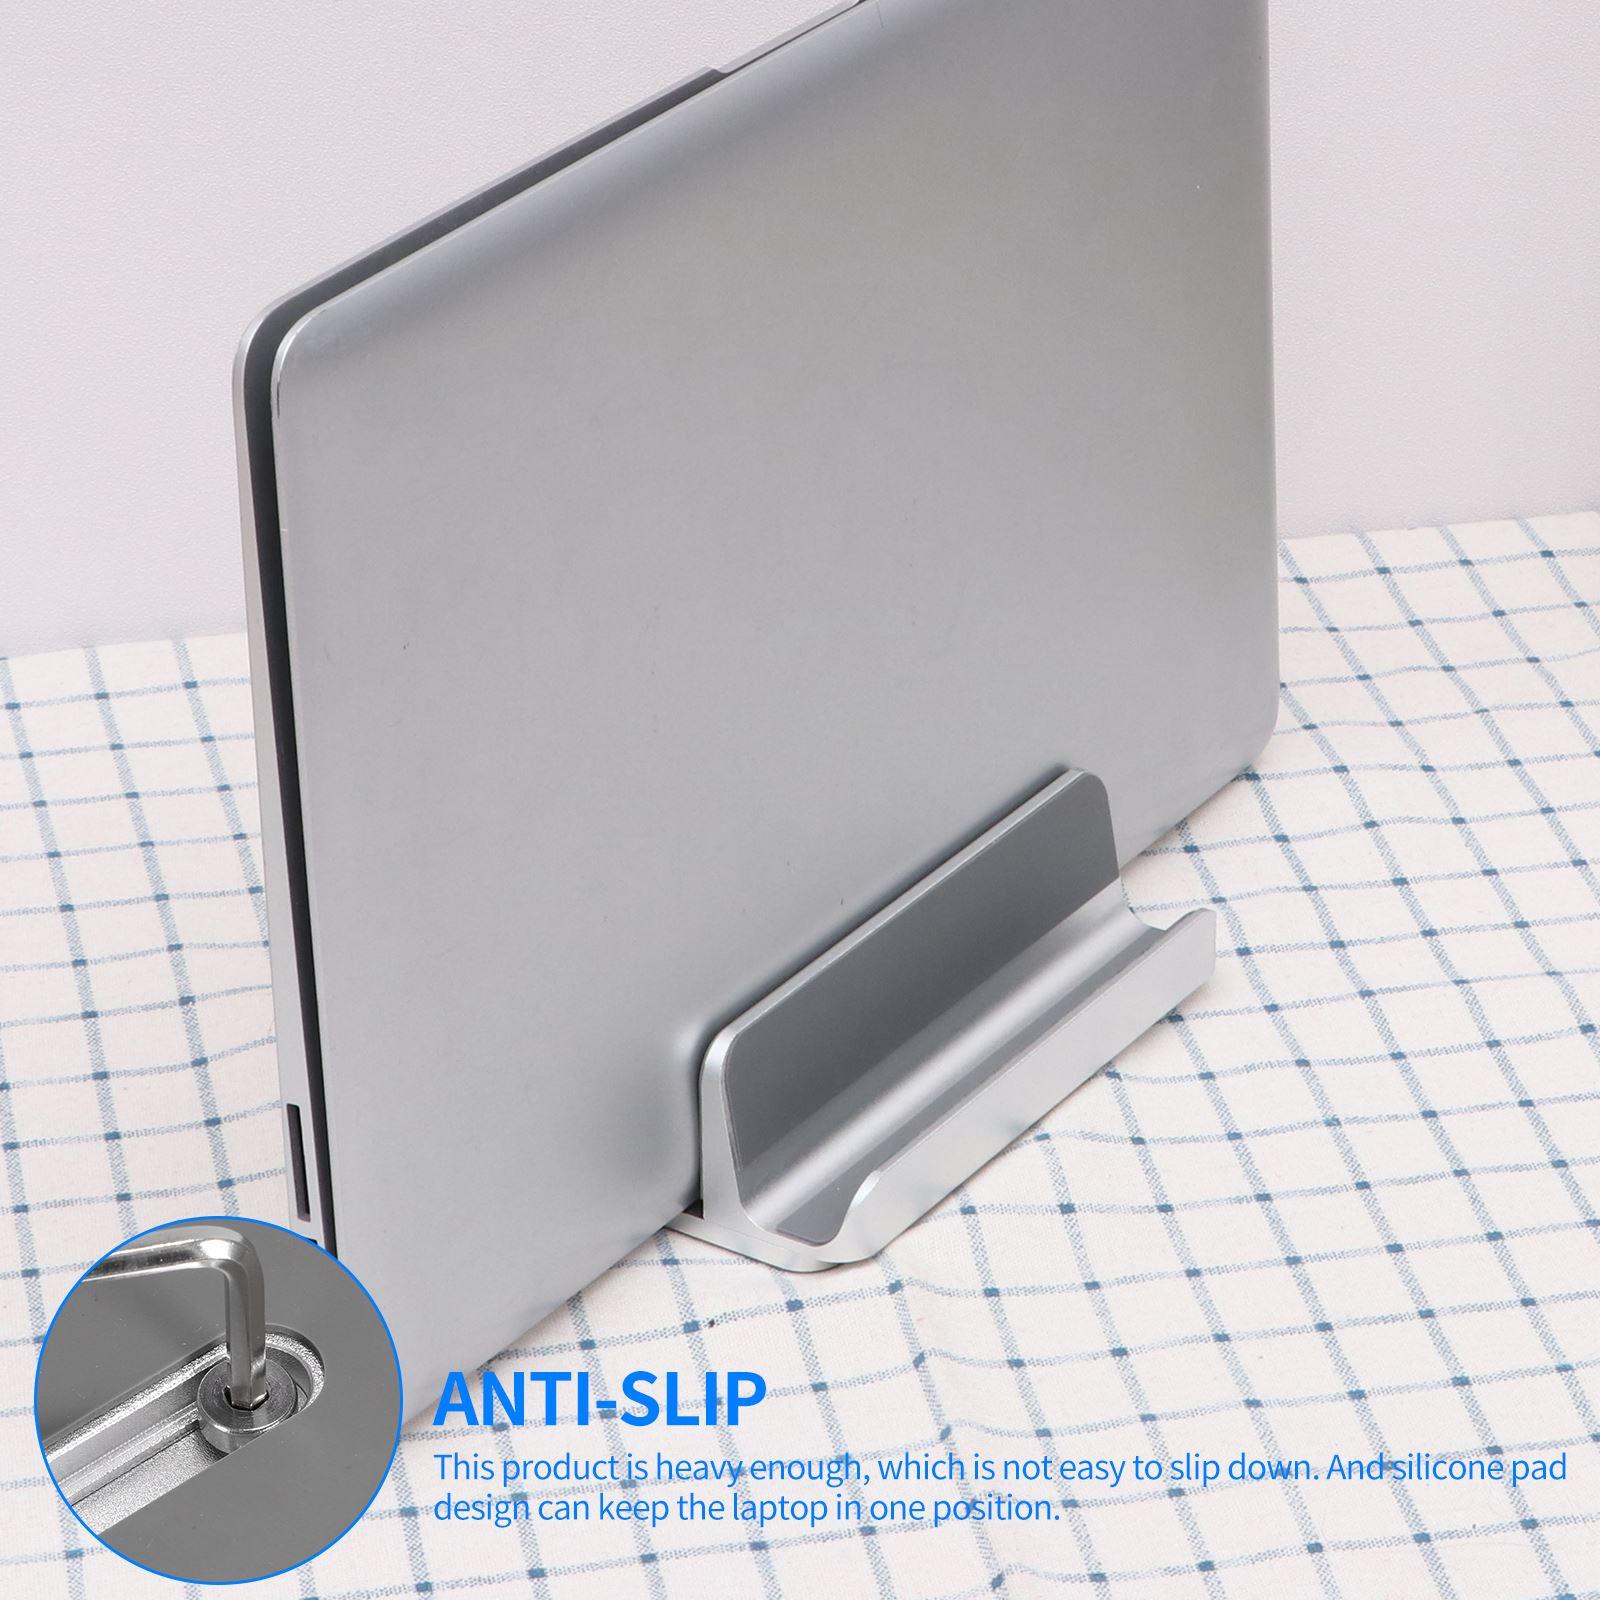 Вертикальная подставка для ноутбука Macbook Air Pro 13 15, алюминиевая настольная подставка с регулируемым размером док-станции для Chromebook